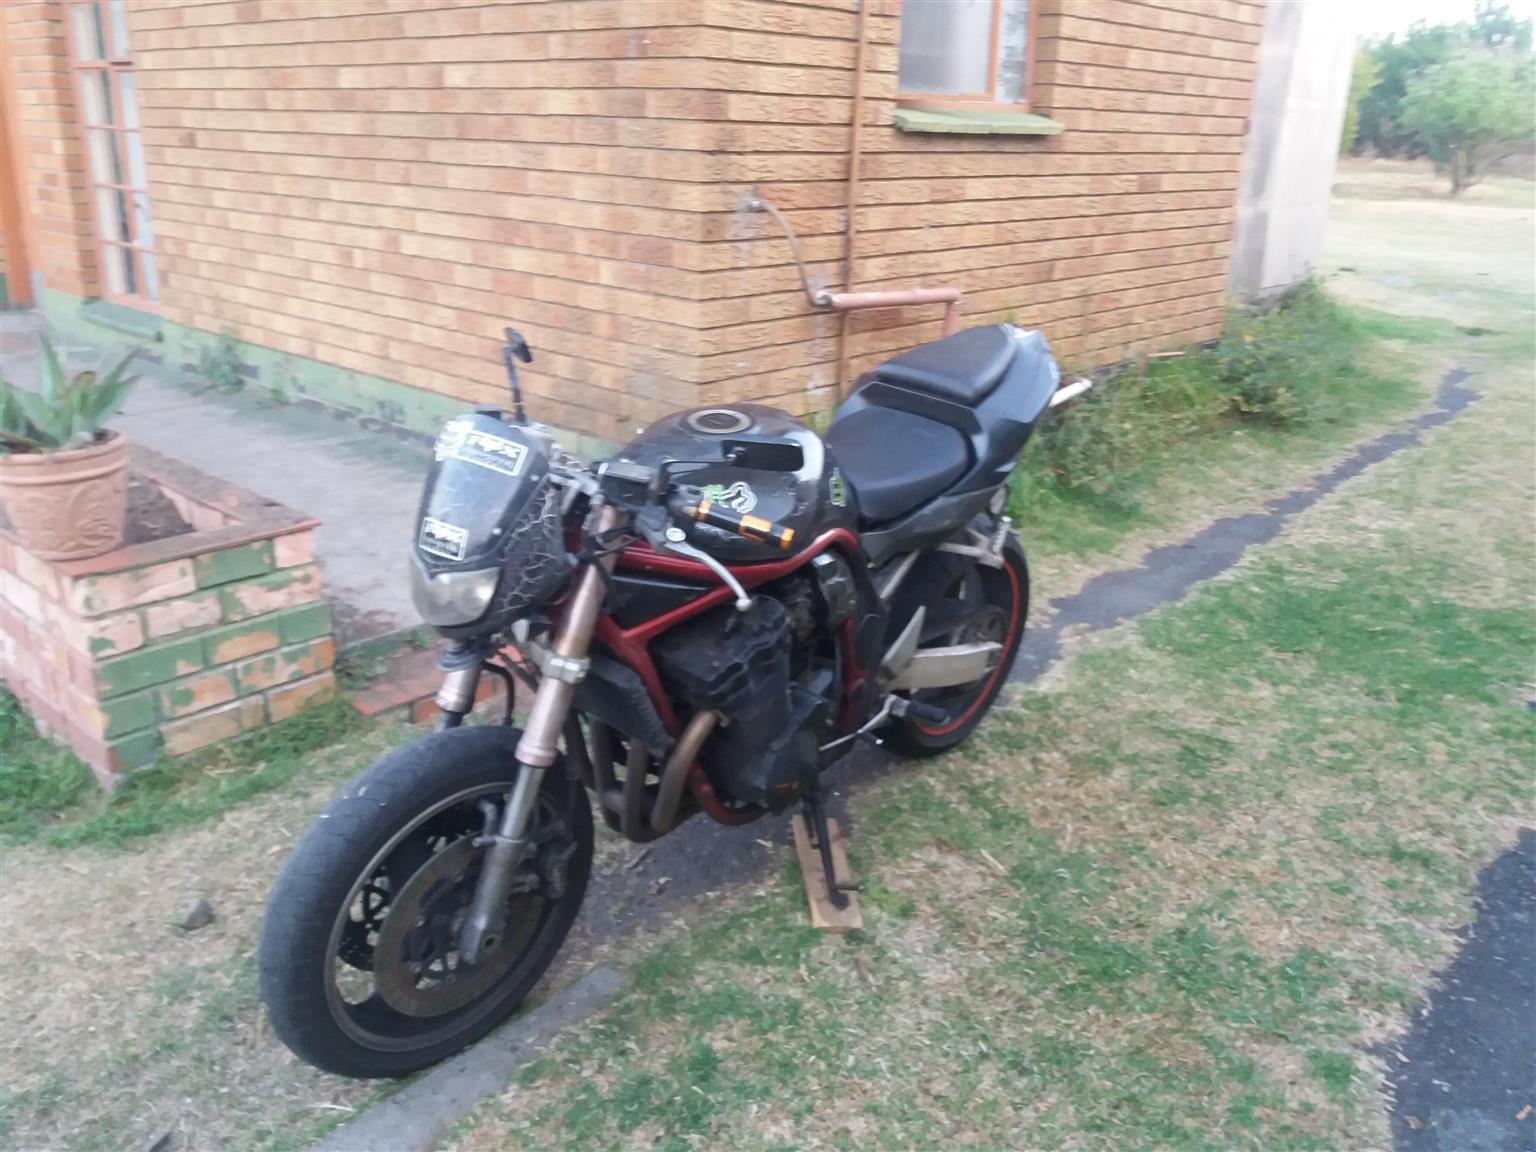 1998 Suzuki Bandit